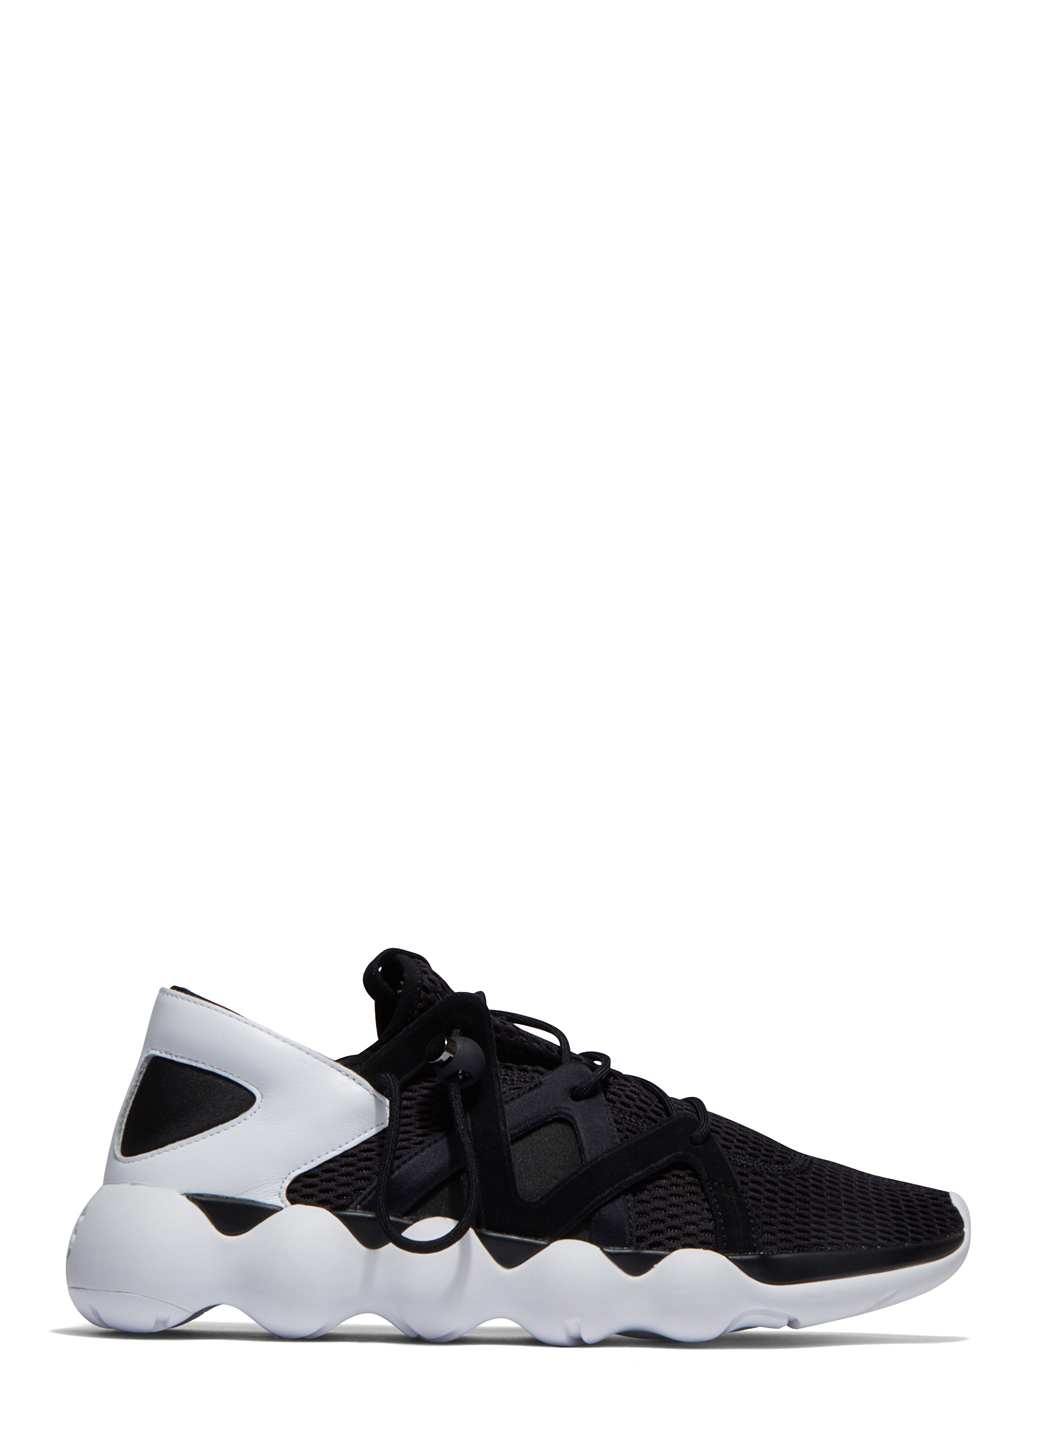 623230079dc4c Y-3 Men s Kyujo Low Sneakers In Black in Black for Men - Lyst